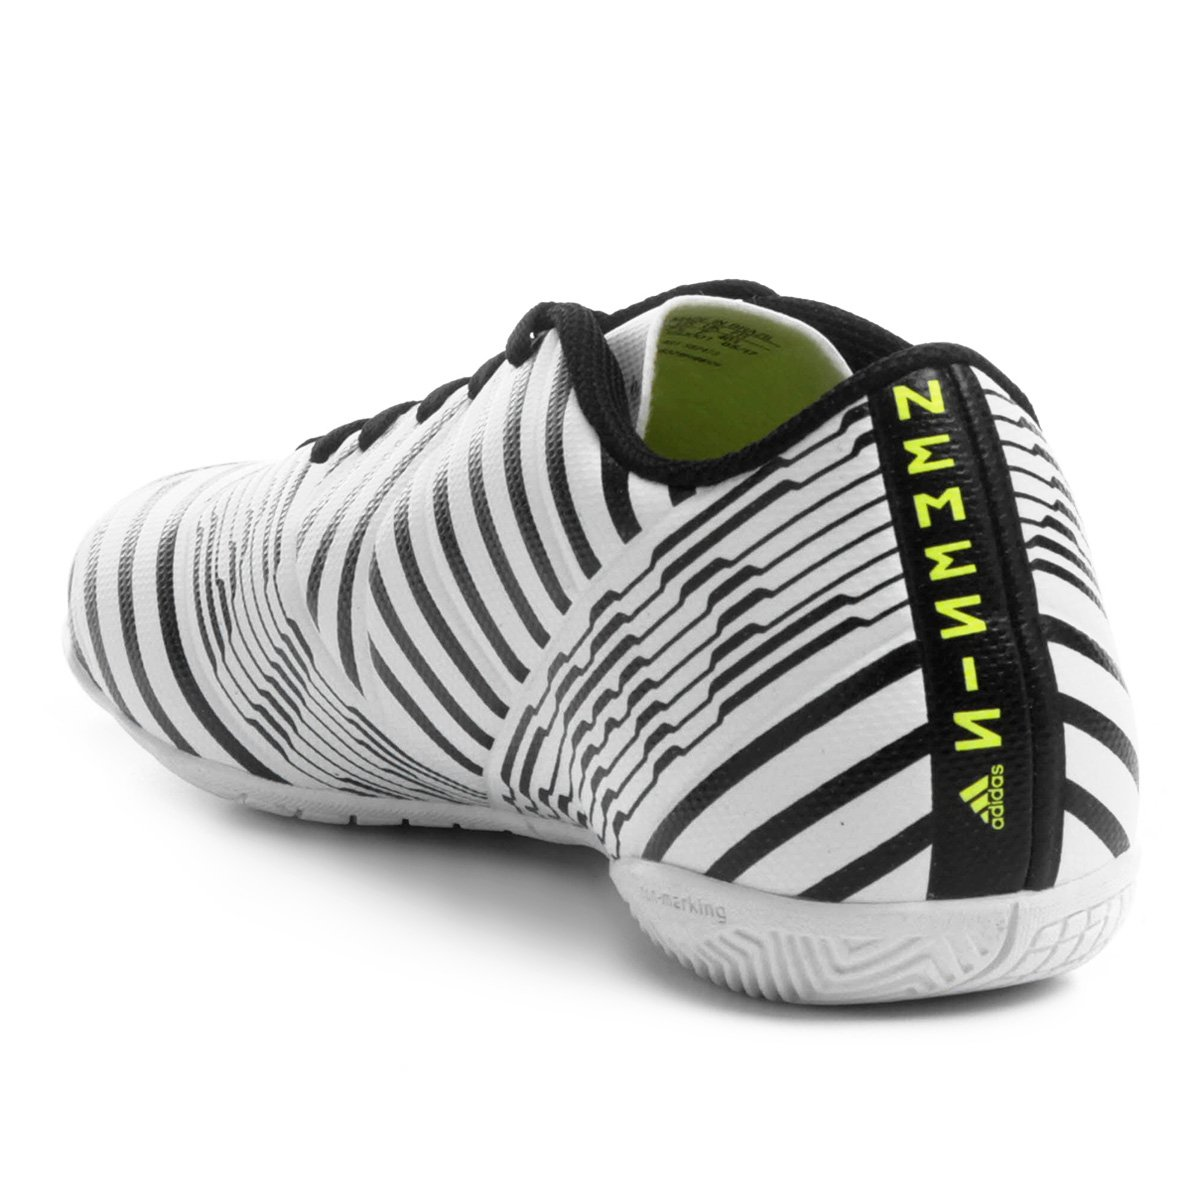 Chuteira Futsal Adidas Nemeziz 17.4 IN - Branco - Compre Agora ... d9a527a4d5520